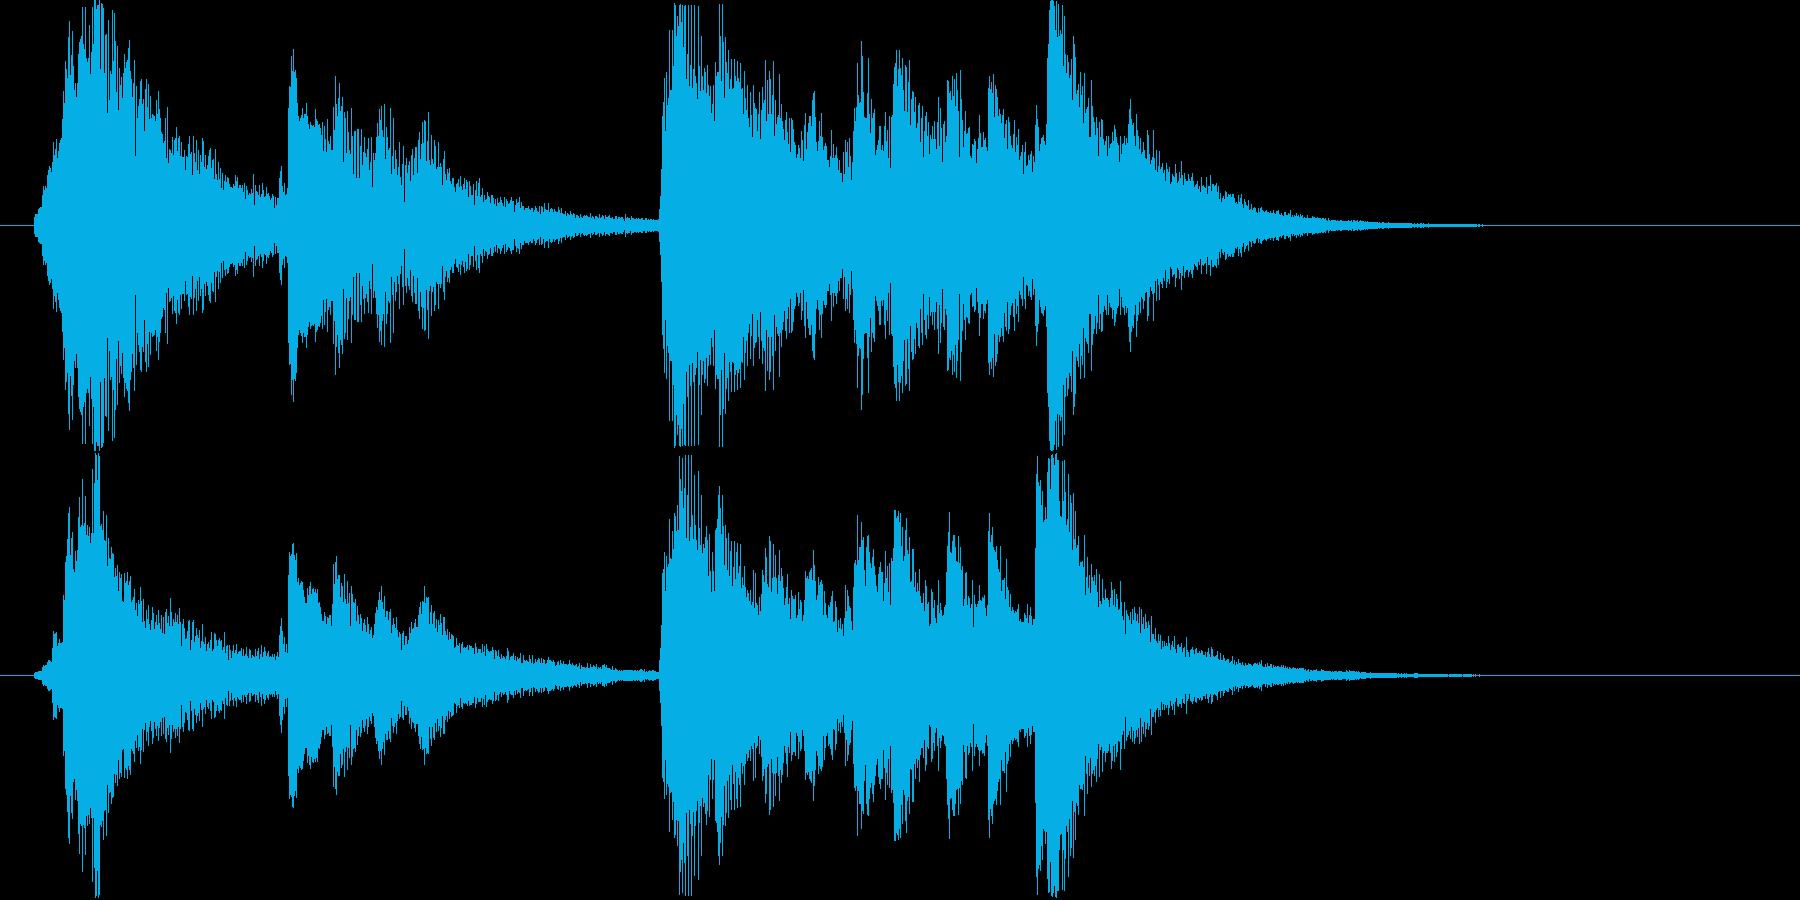 琴の和風ジングルの再生済みの波形